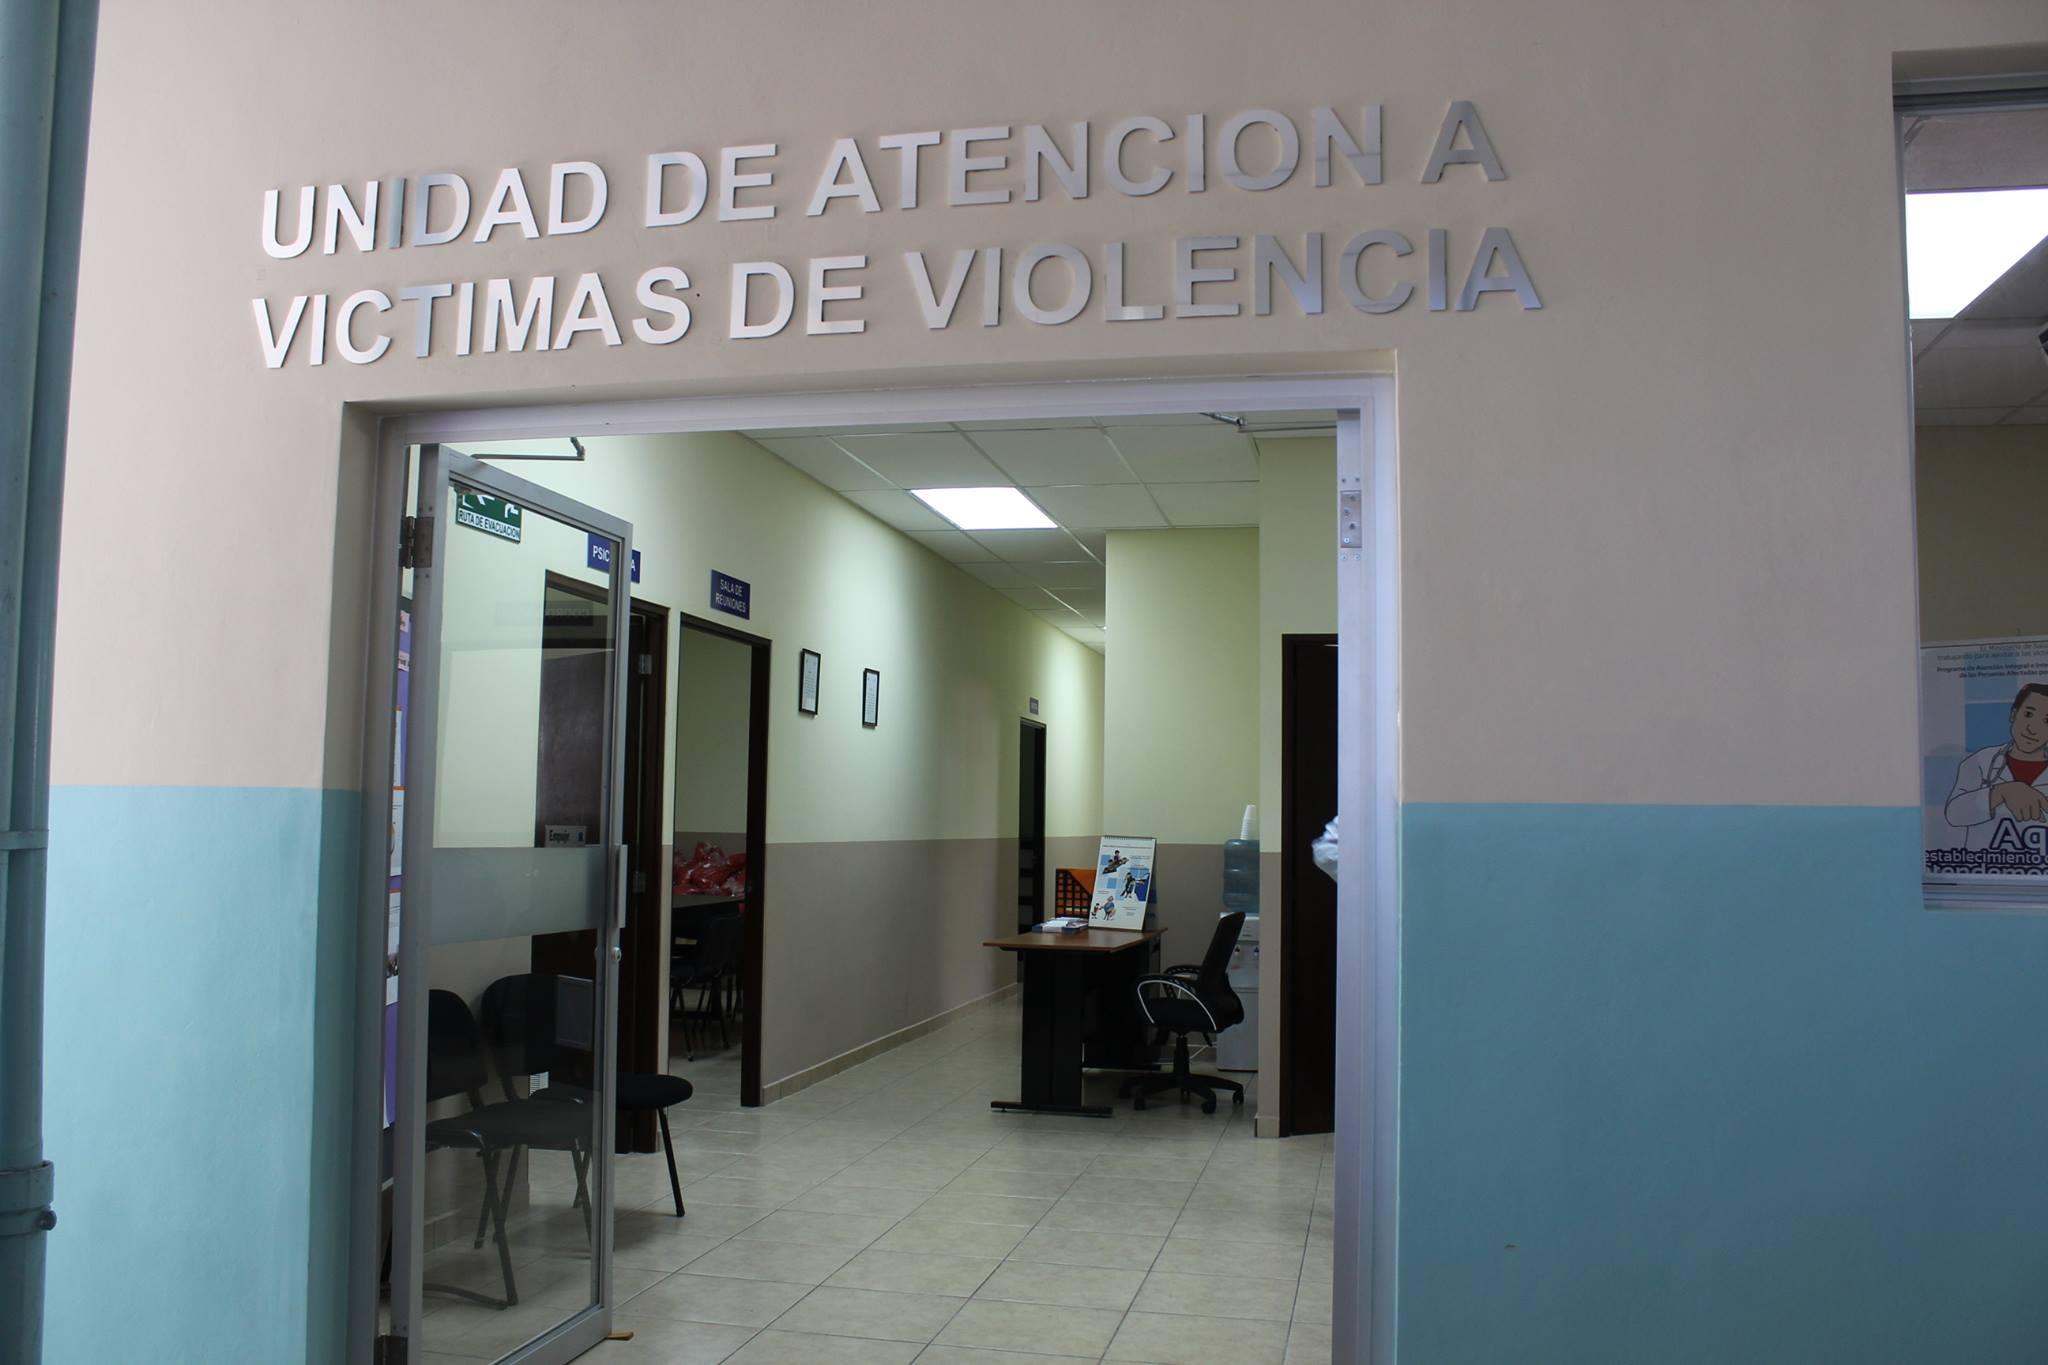 Inauguran nuevas oficinas de atención a víctimas de la violencia en el hospital San Juan de Dios